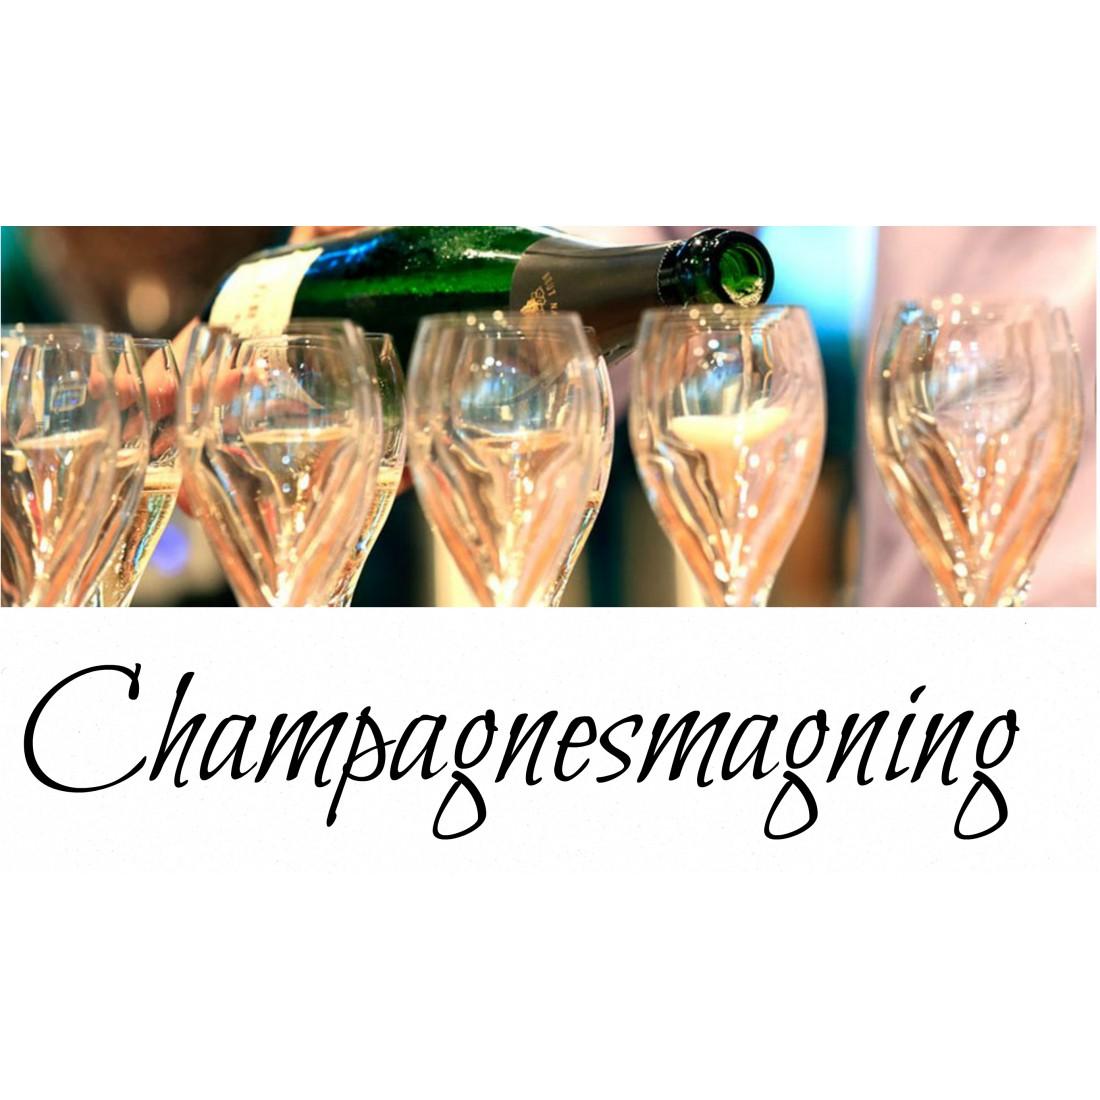 Champagnesmagning lørdag den 25 januar kl. 19.00 I ChampagneKælderen-31